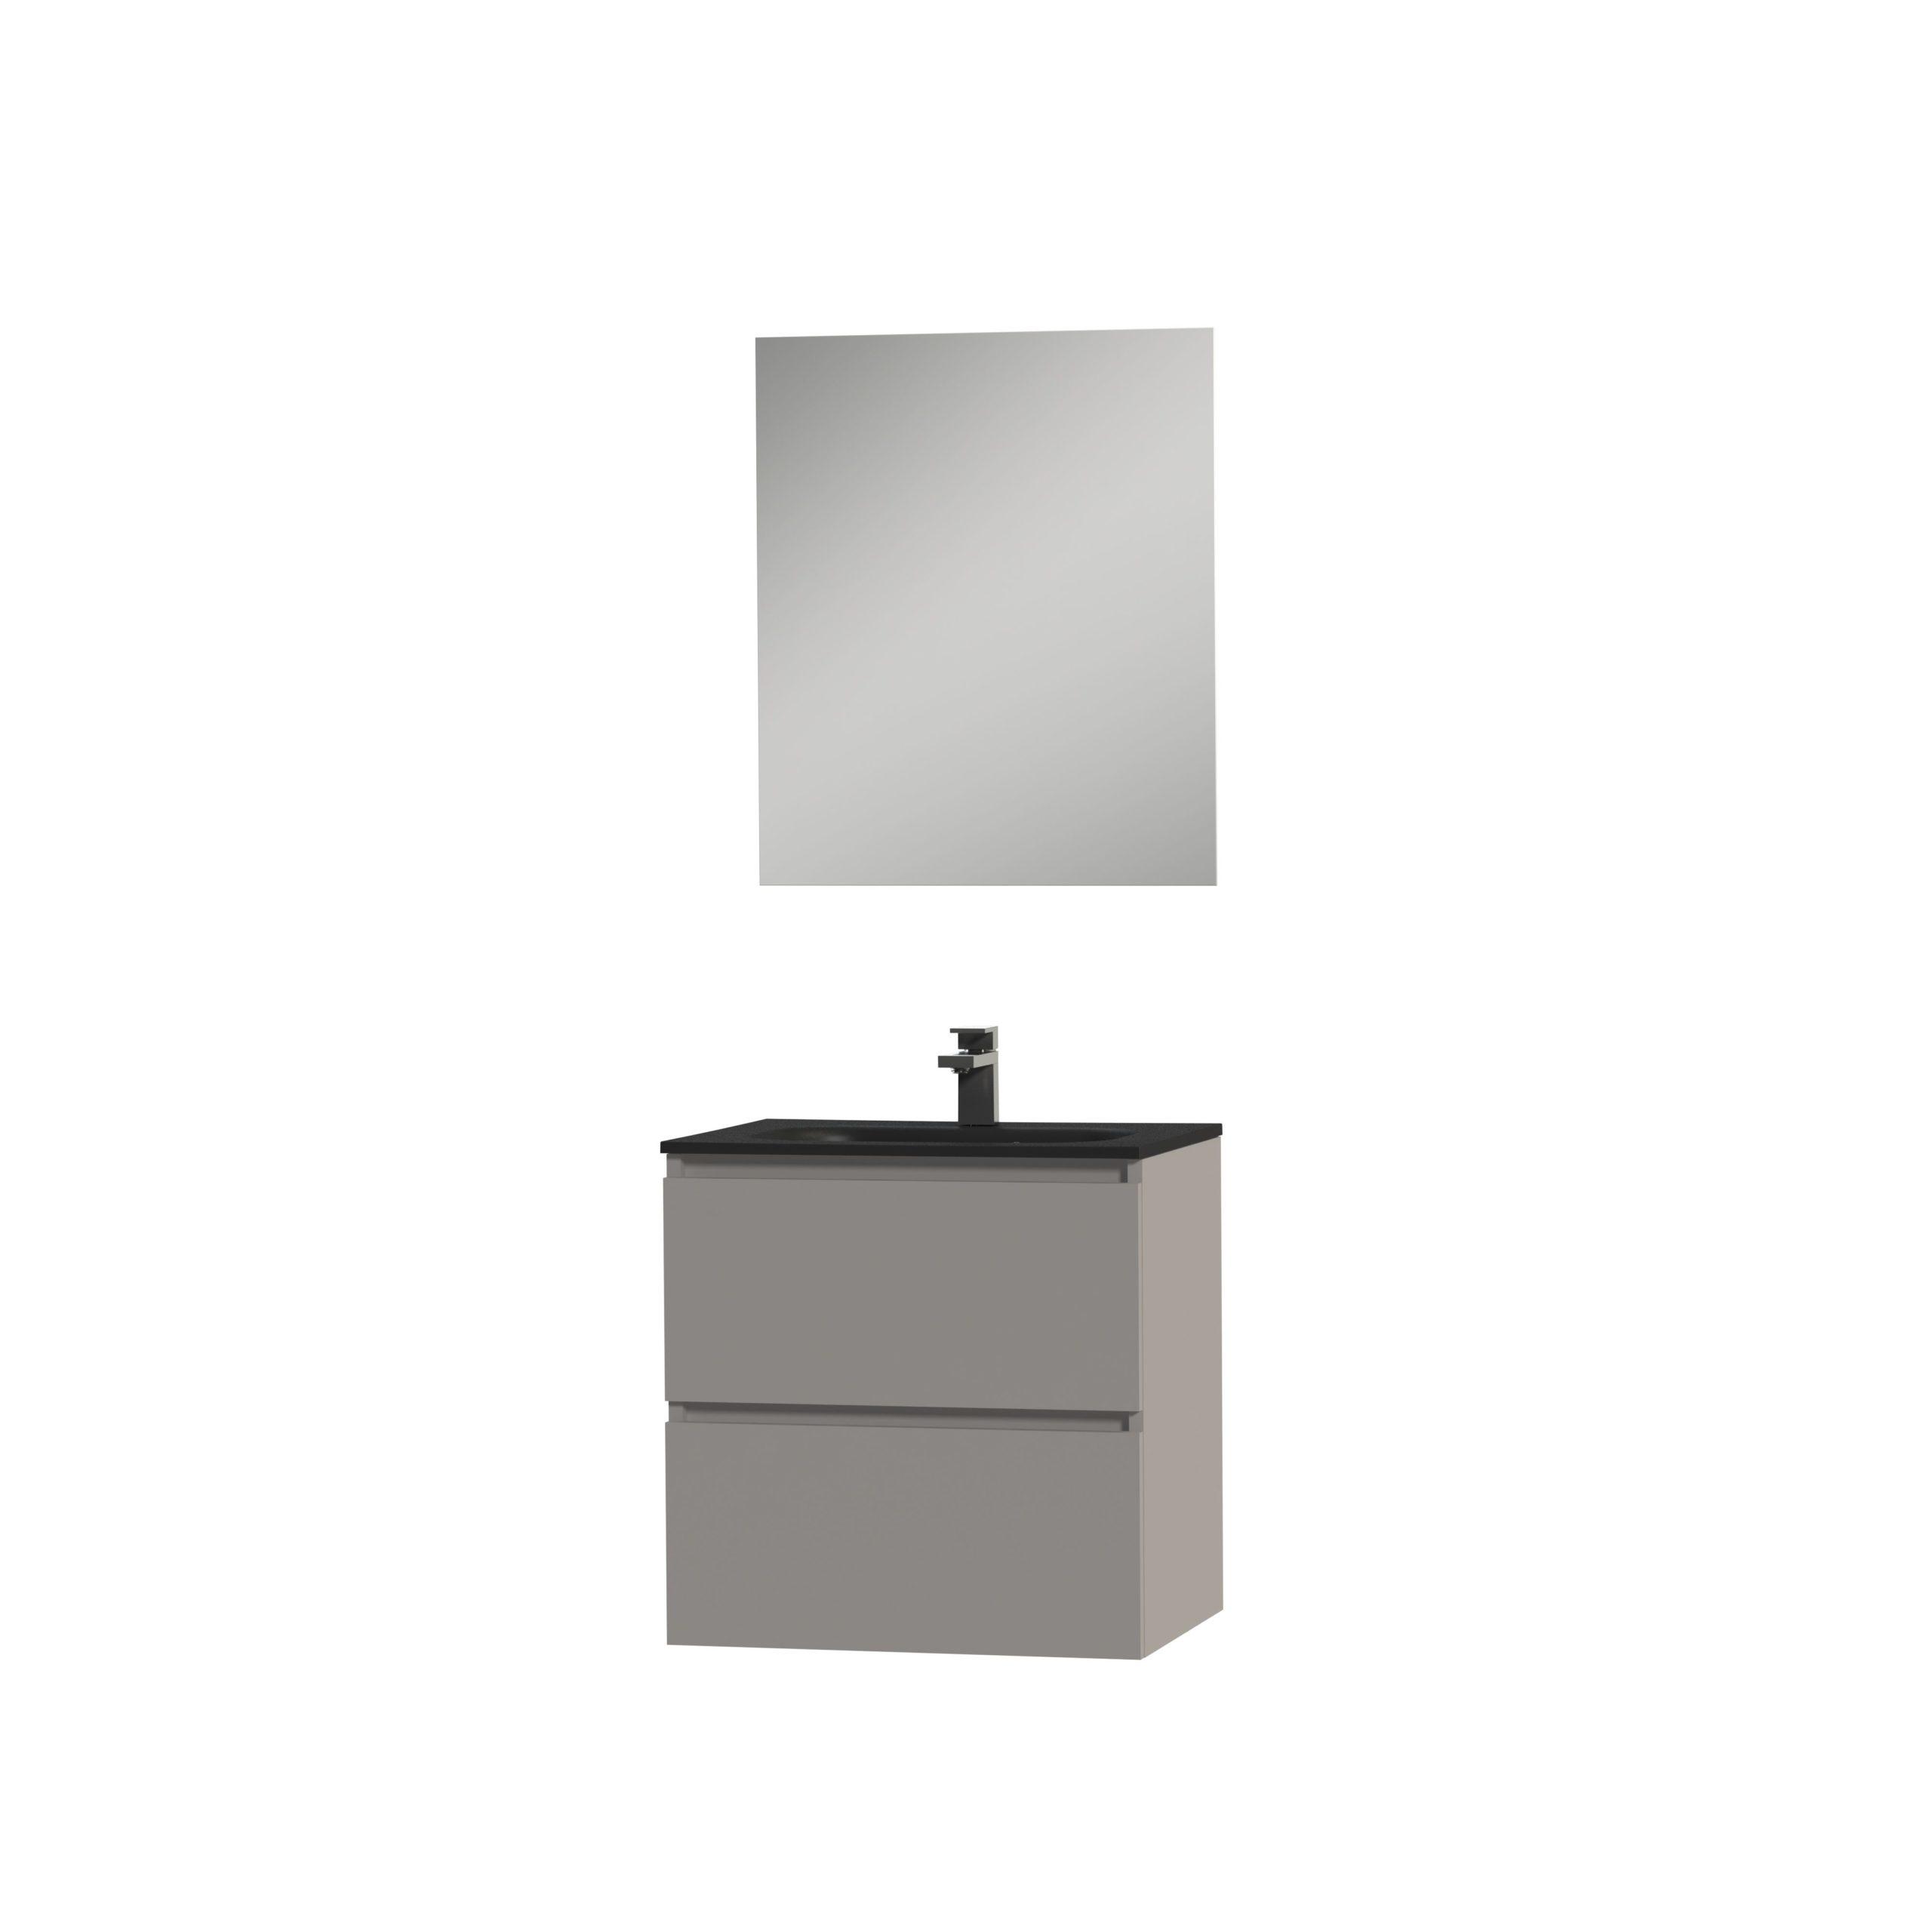 Tiger Loft badmeubel met spiegel en zwarte wastafel 60cm mat grijs